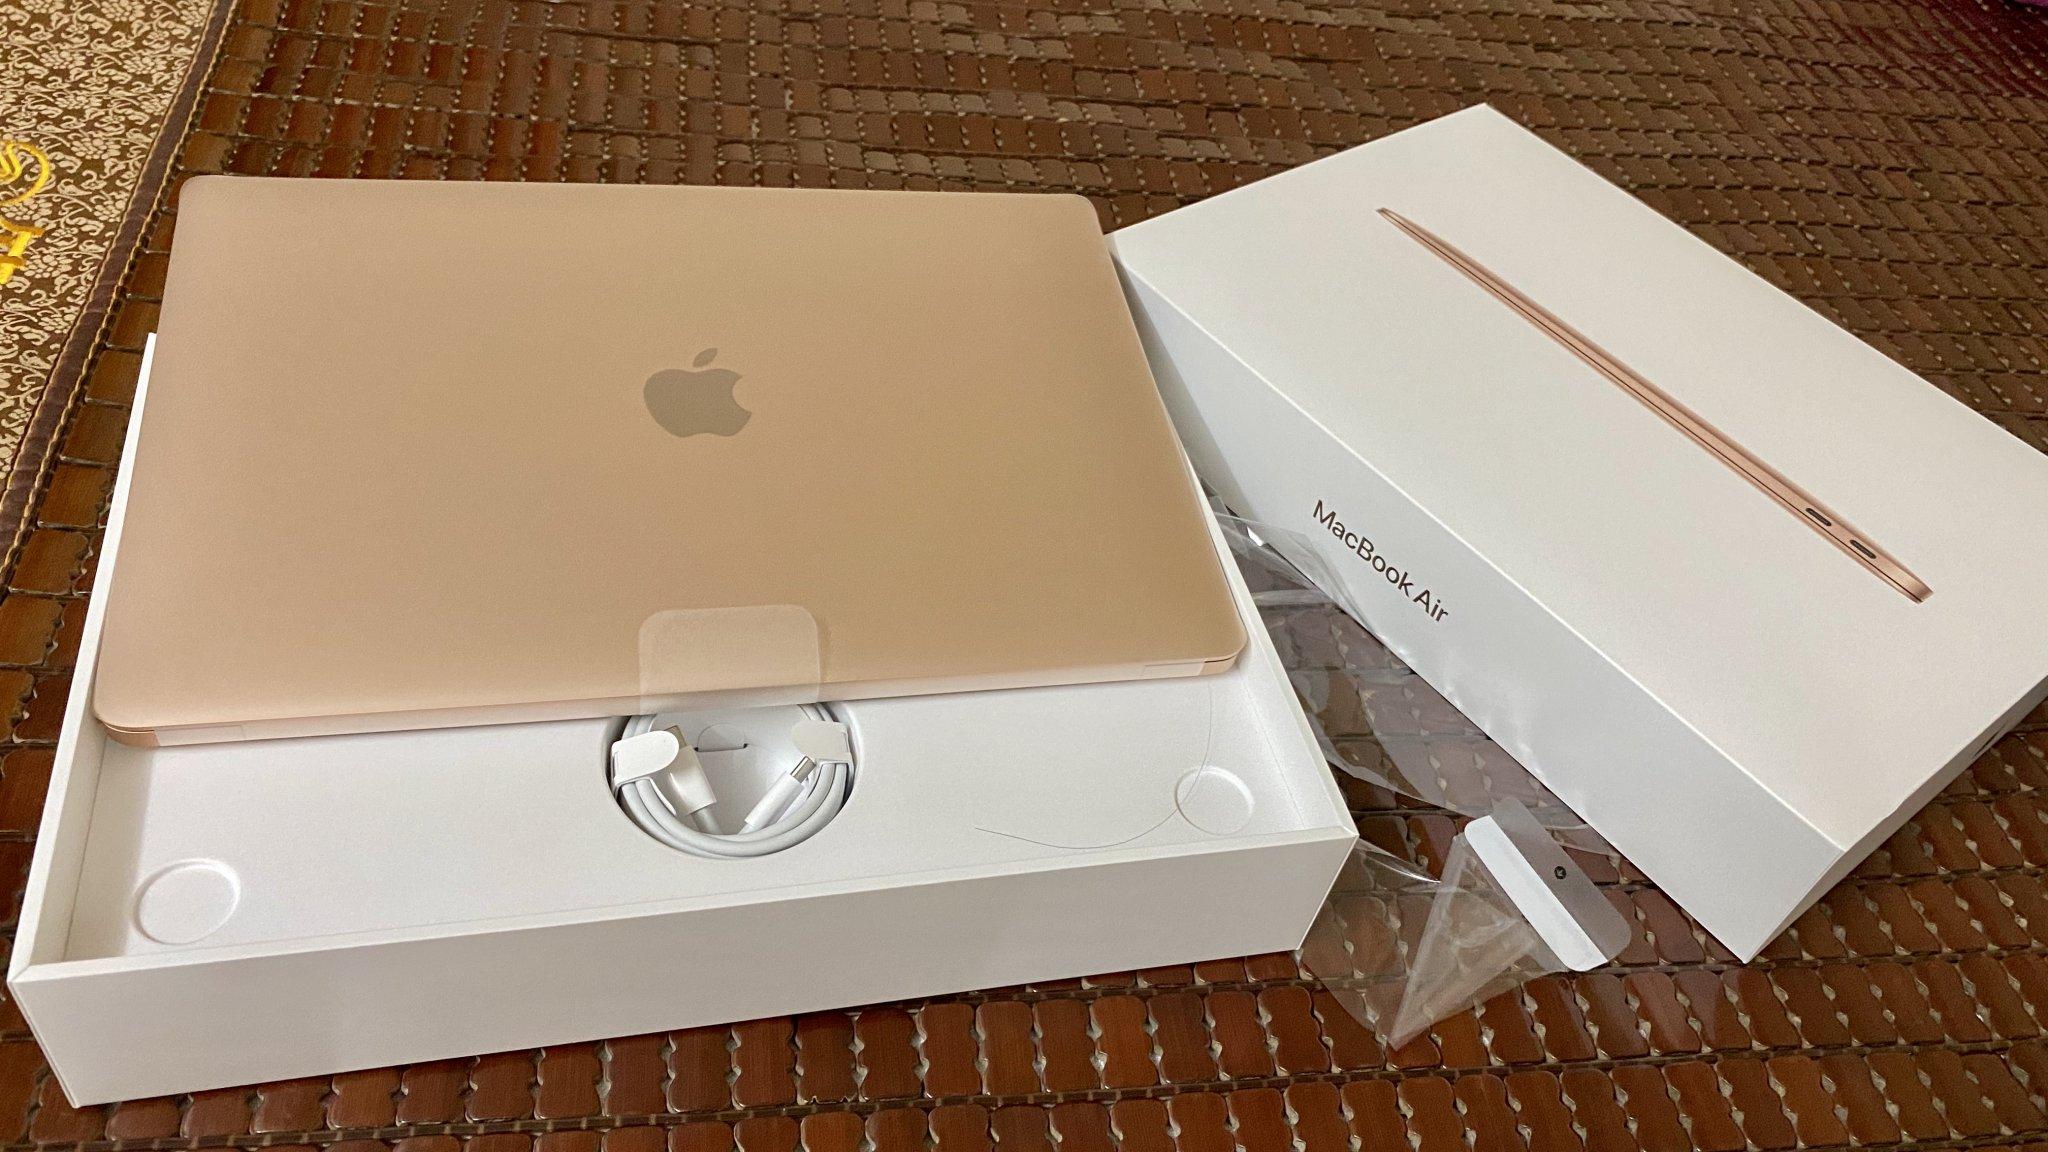 Macbook Air 2020 Gold mới 99.99% fullbox BH FPT 9/2021 ...